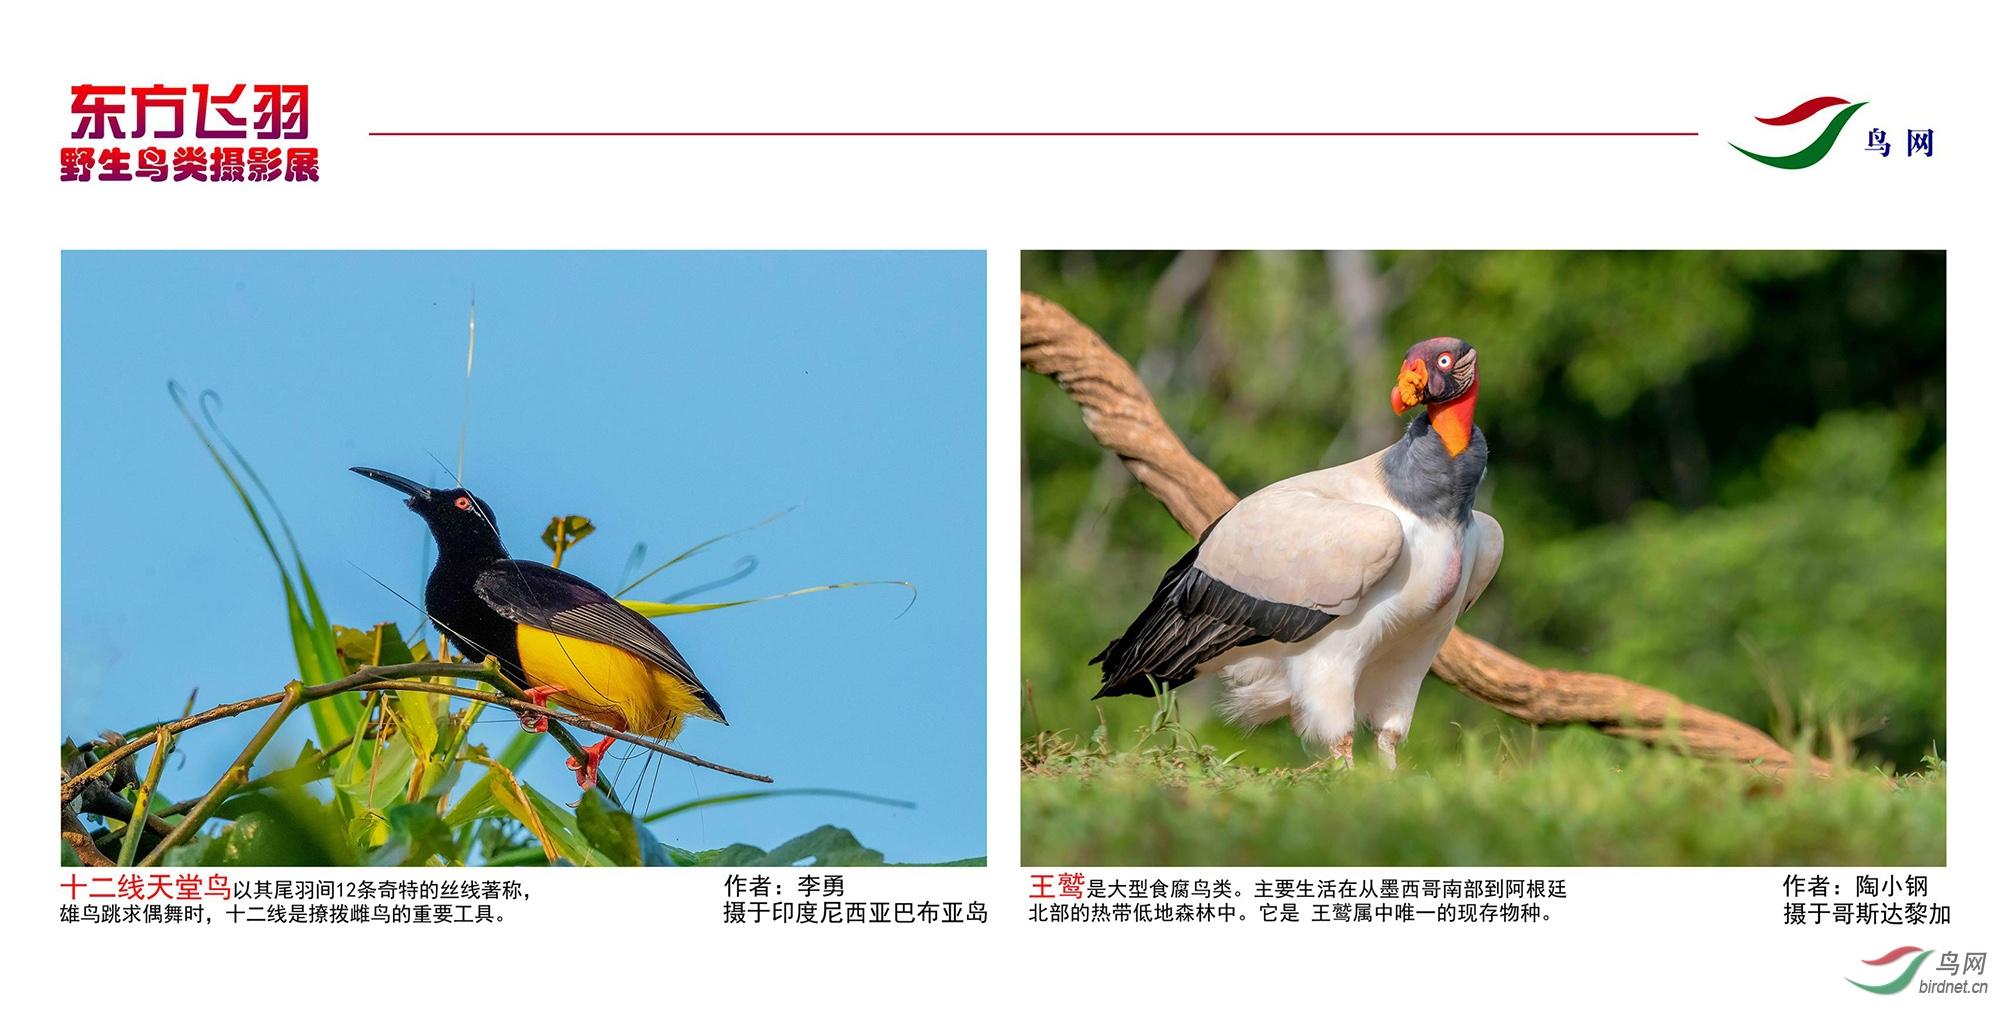 1_东方明珠摄影展照片_06.jpg